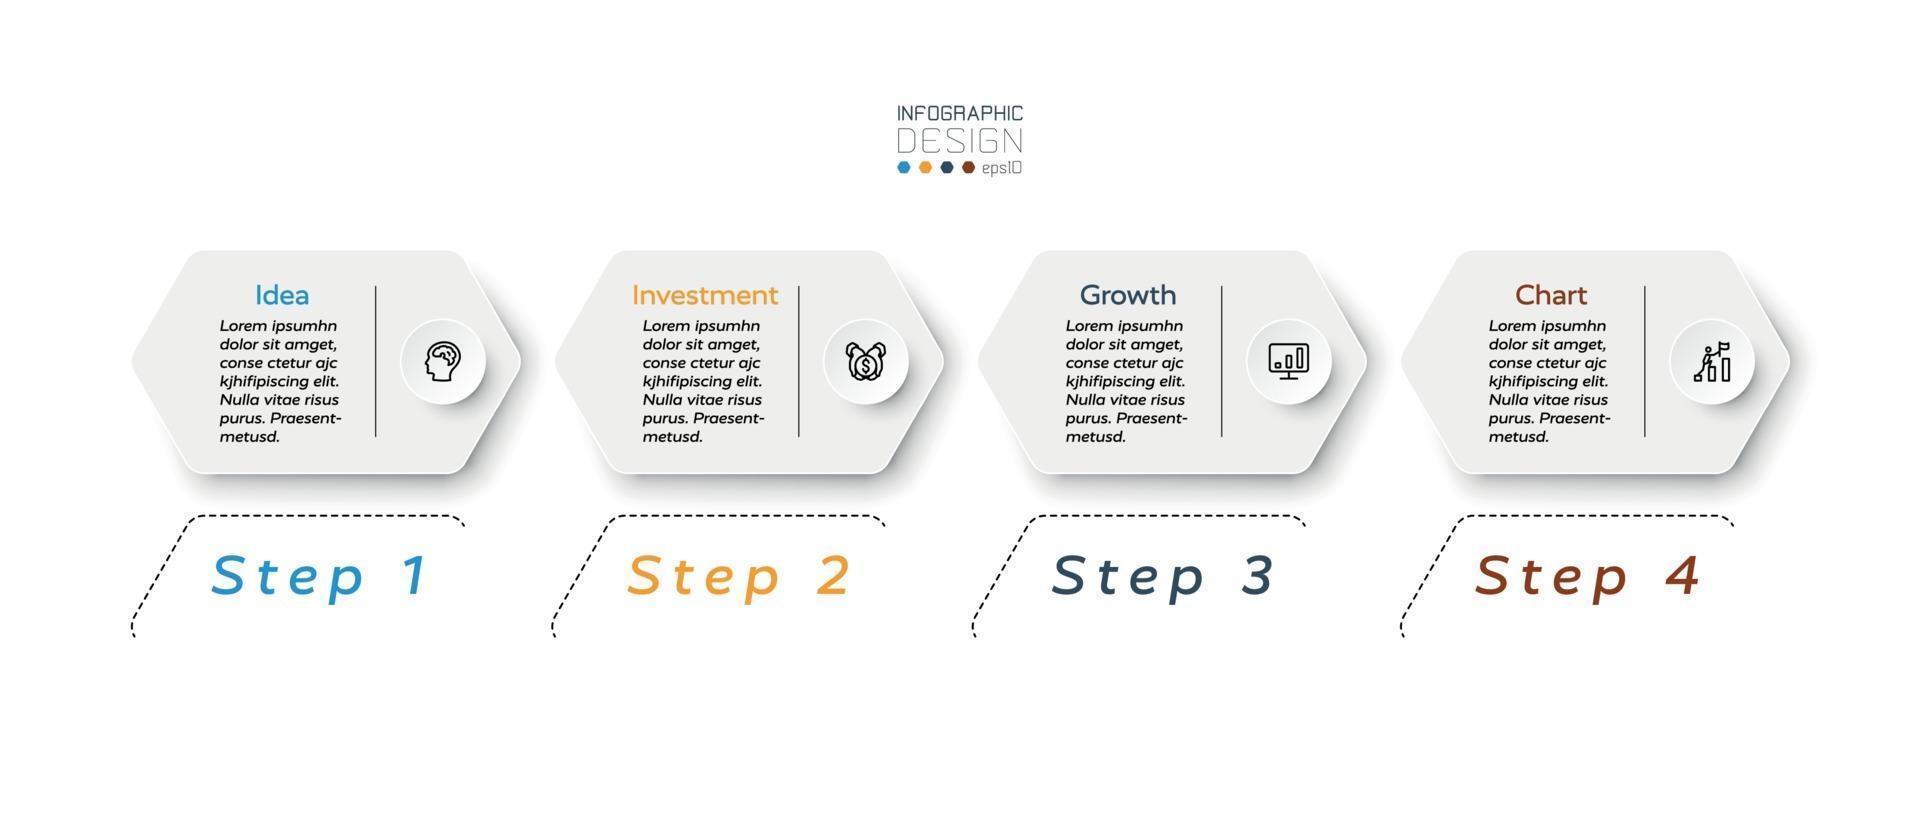 design moderno esagonale 4 passaggi per mostrare i risultati e posizionare il lavoro o riportare i risultati per affari, marketing o organizzazione. vettore infografica.